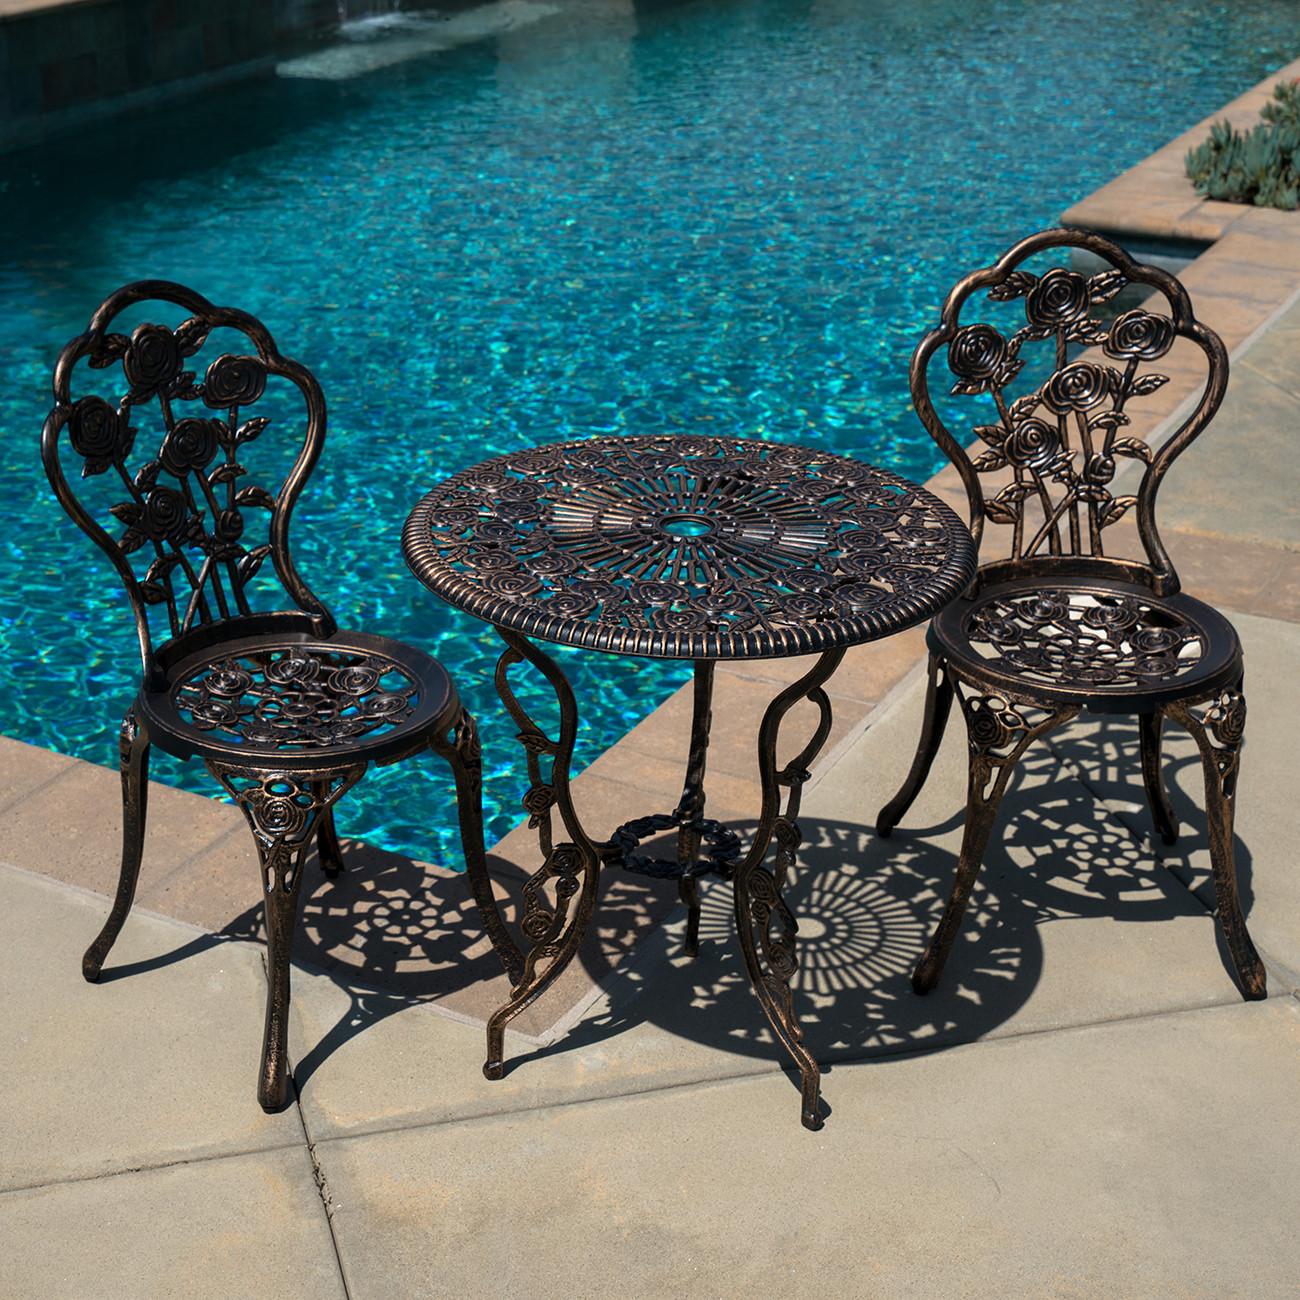 Best ideas about Cast Aluminum Patio Furniture . Save or Pin 3pcs Outdoor Patio Furniture Cast Aluminum Bistro Set Now.